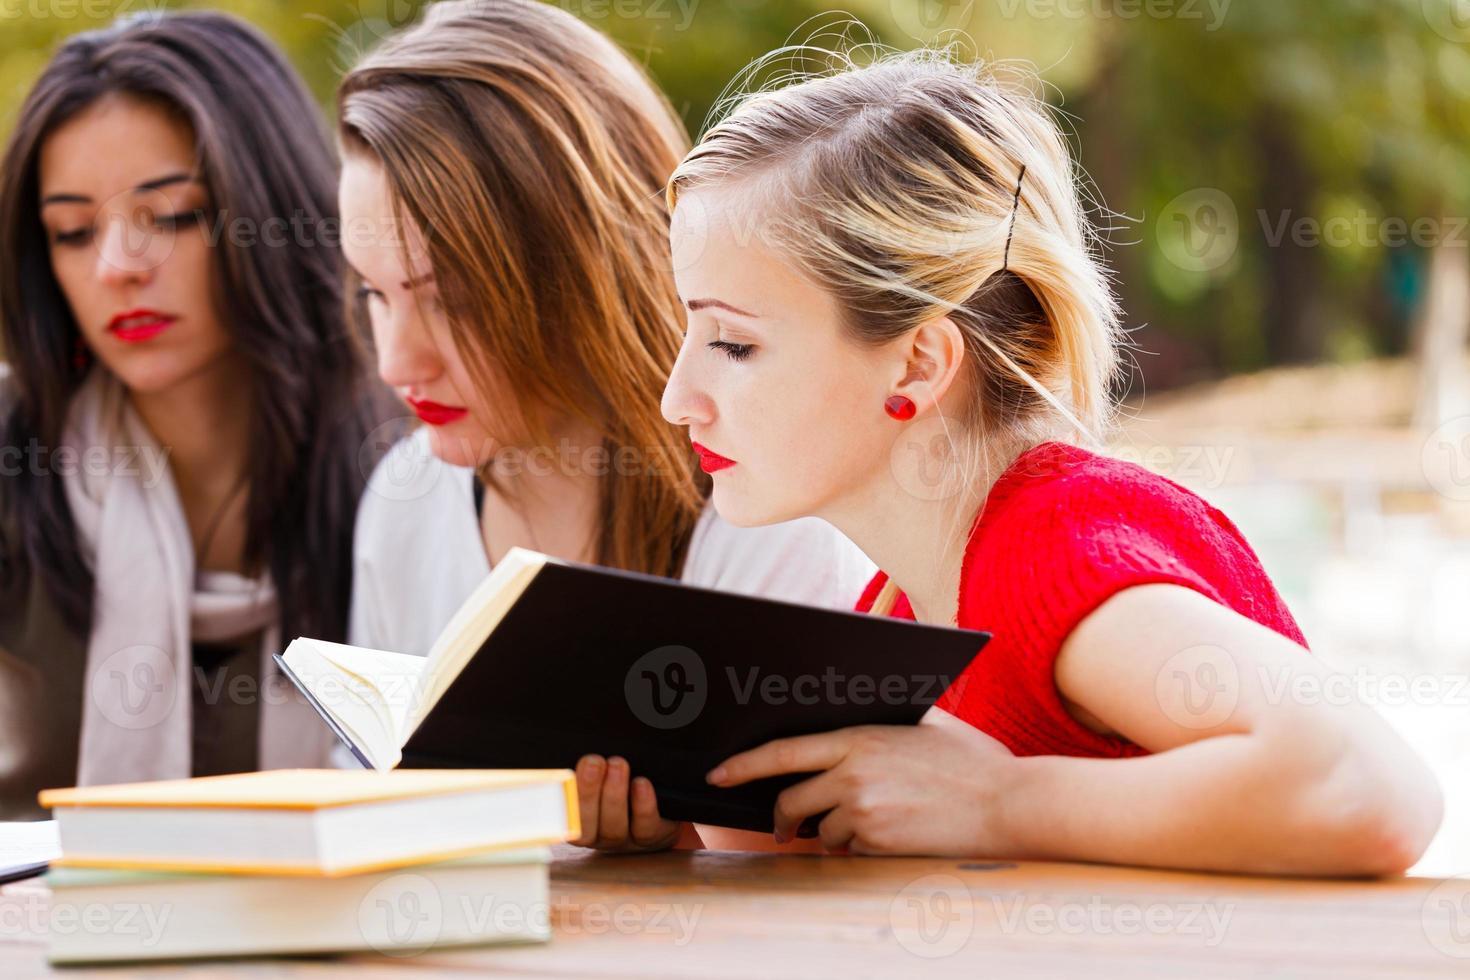 étudier pour l'examen final photo